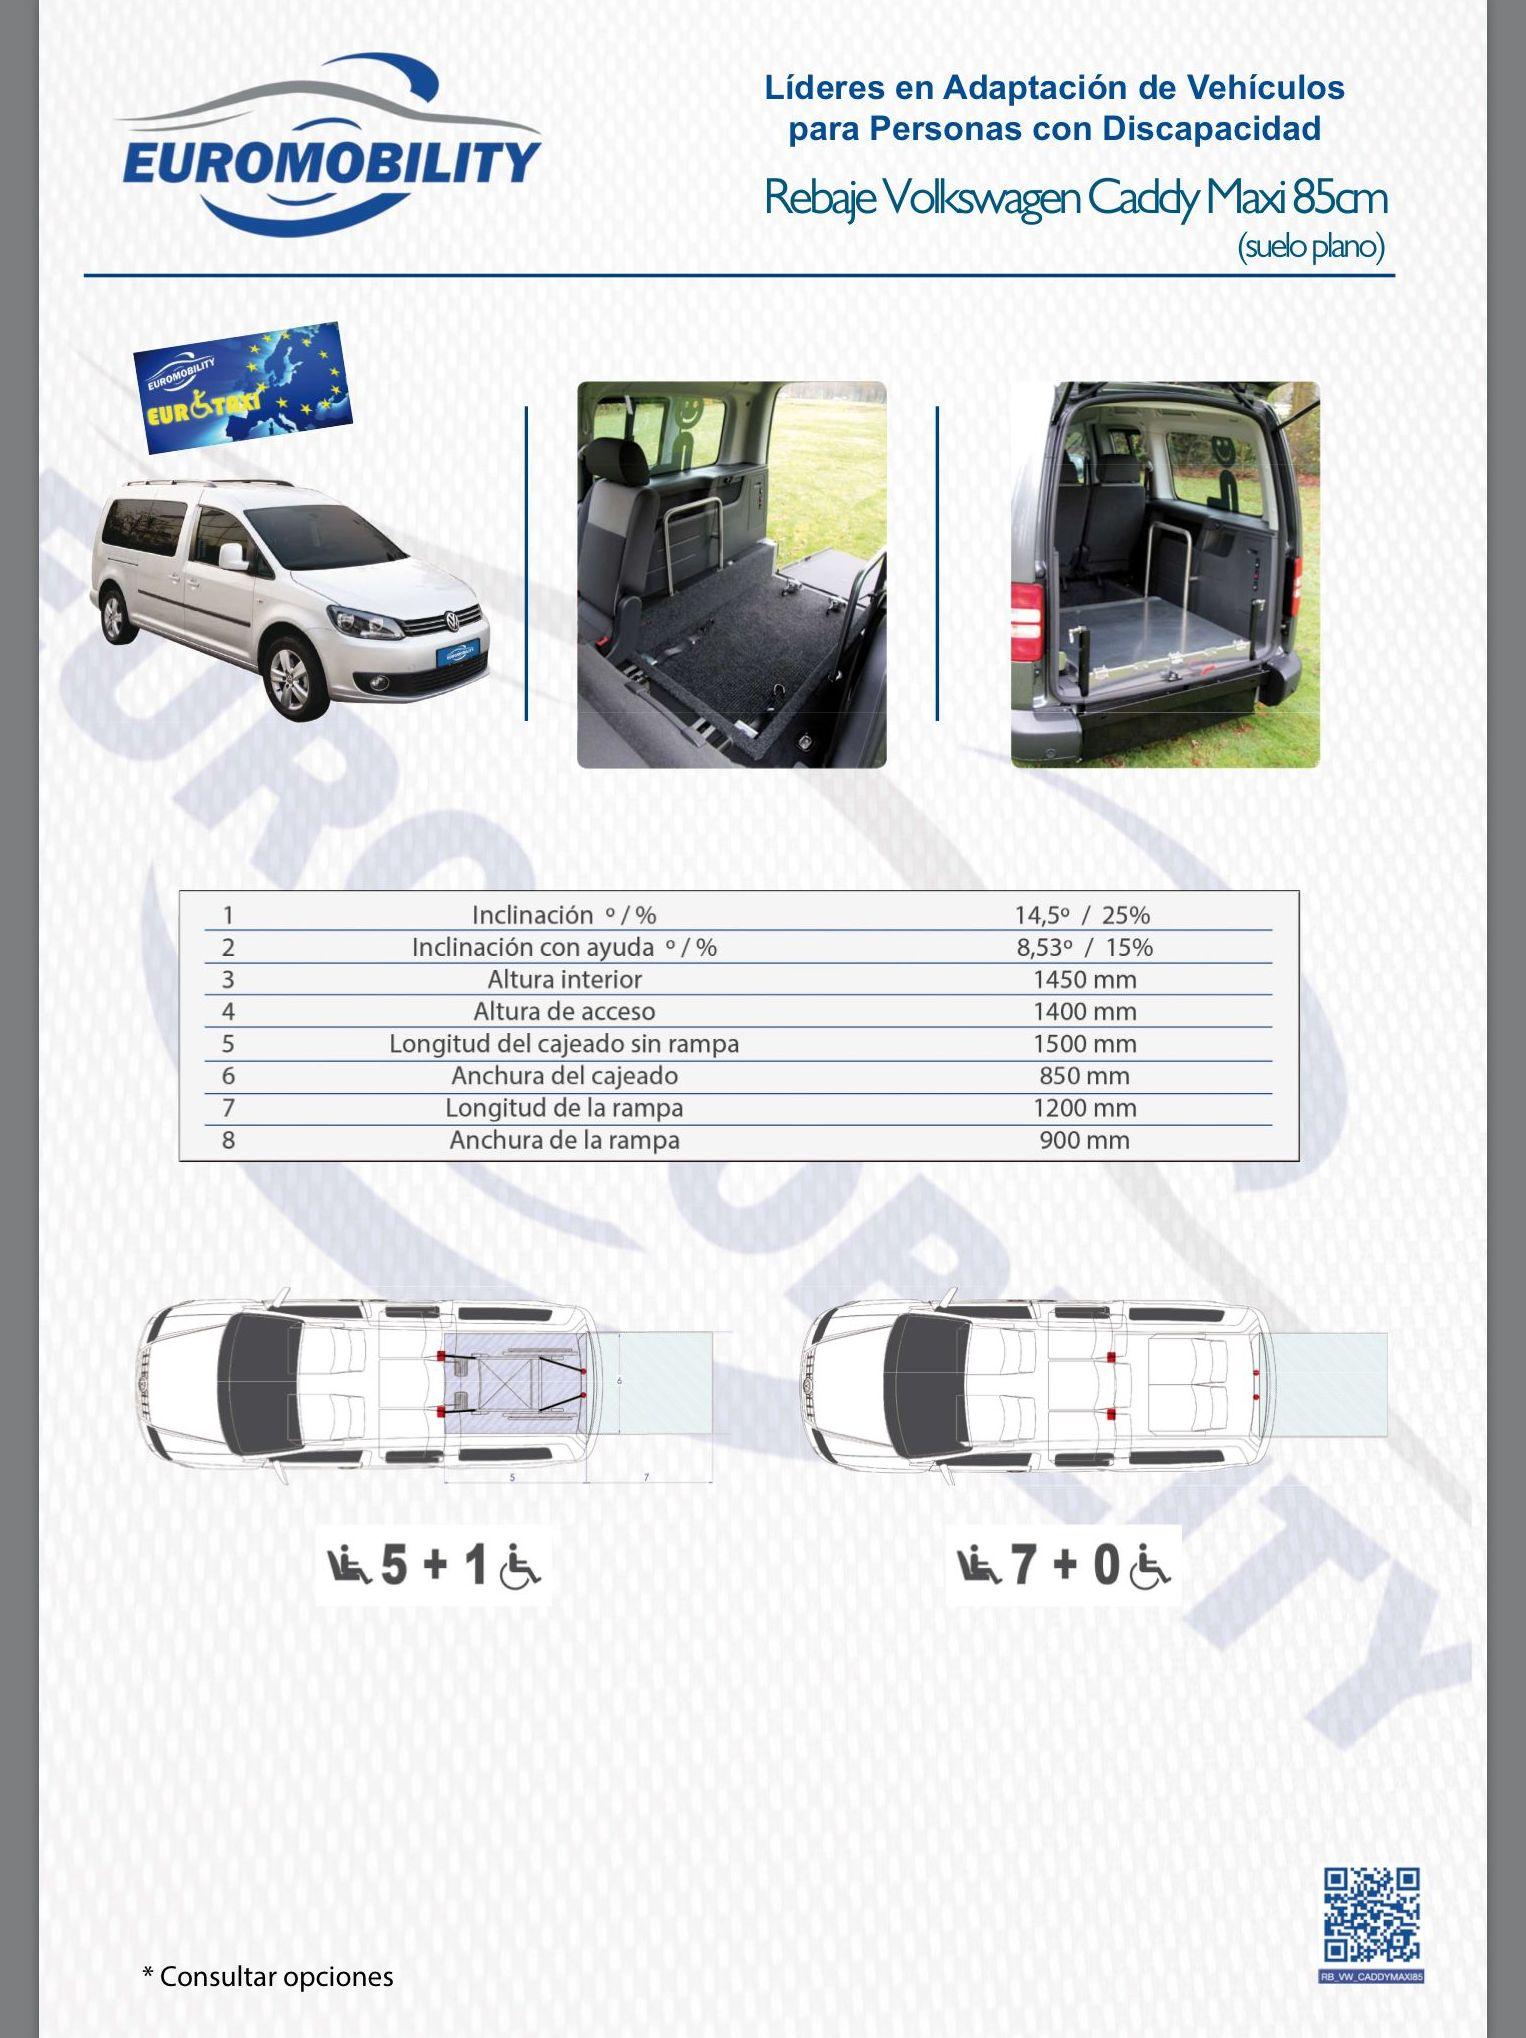 Rebaje de piso / cajeado Volkswagen Caddy Maxi. Adaptación de vehiculos Asturias